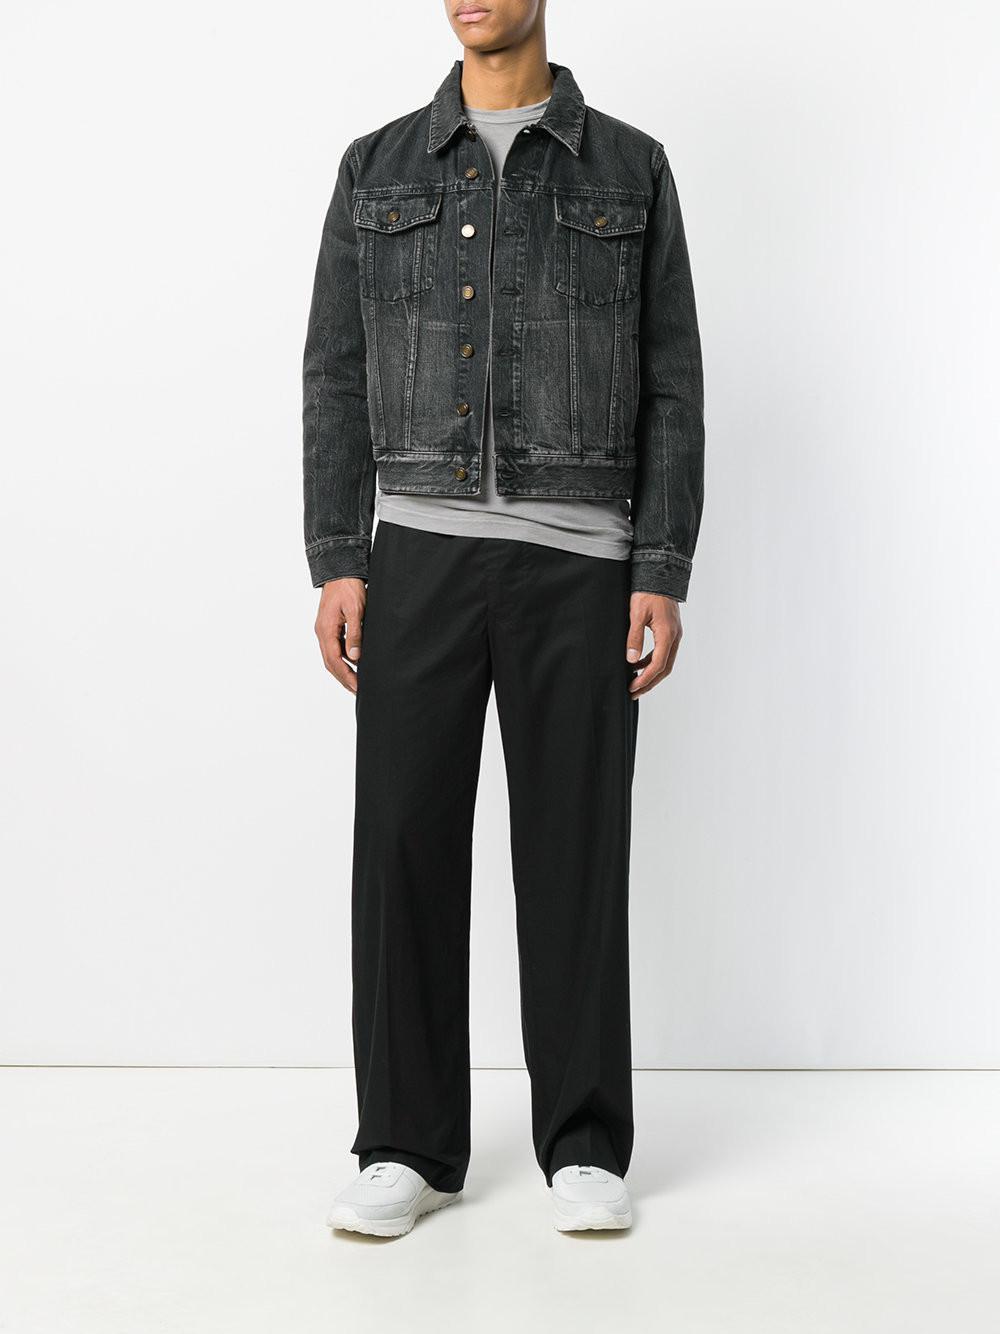 aac965921d65 Lyst - Saint Laurent Denim Sunset Patch Jacket for Men - Save 50%